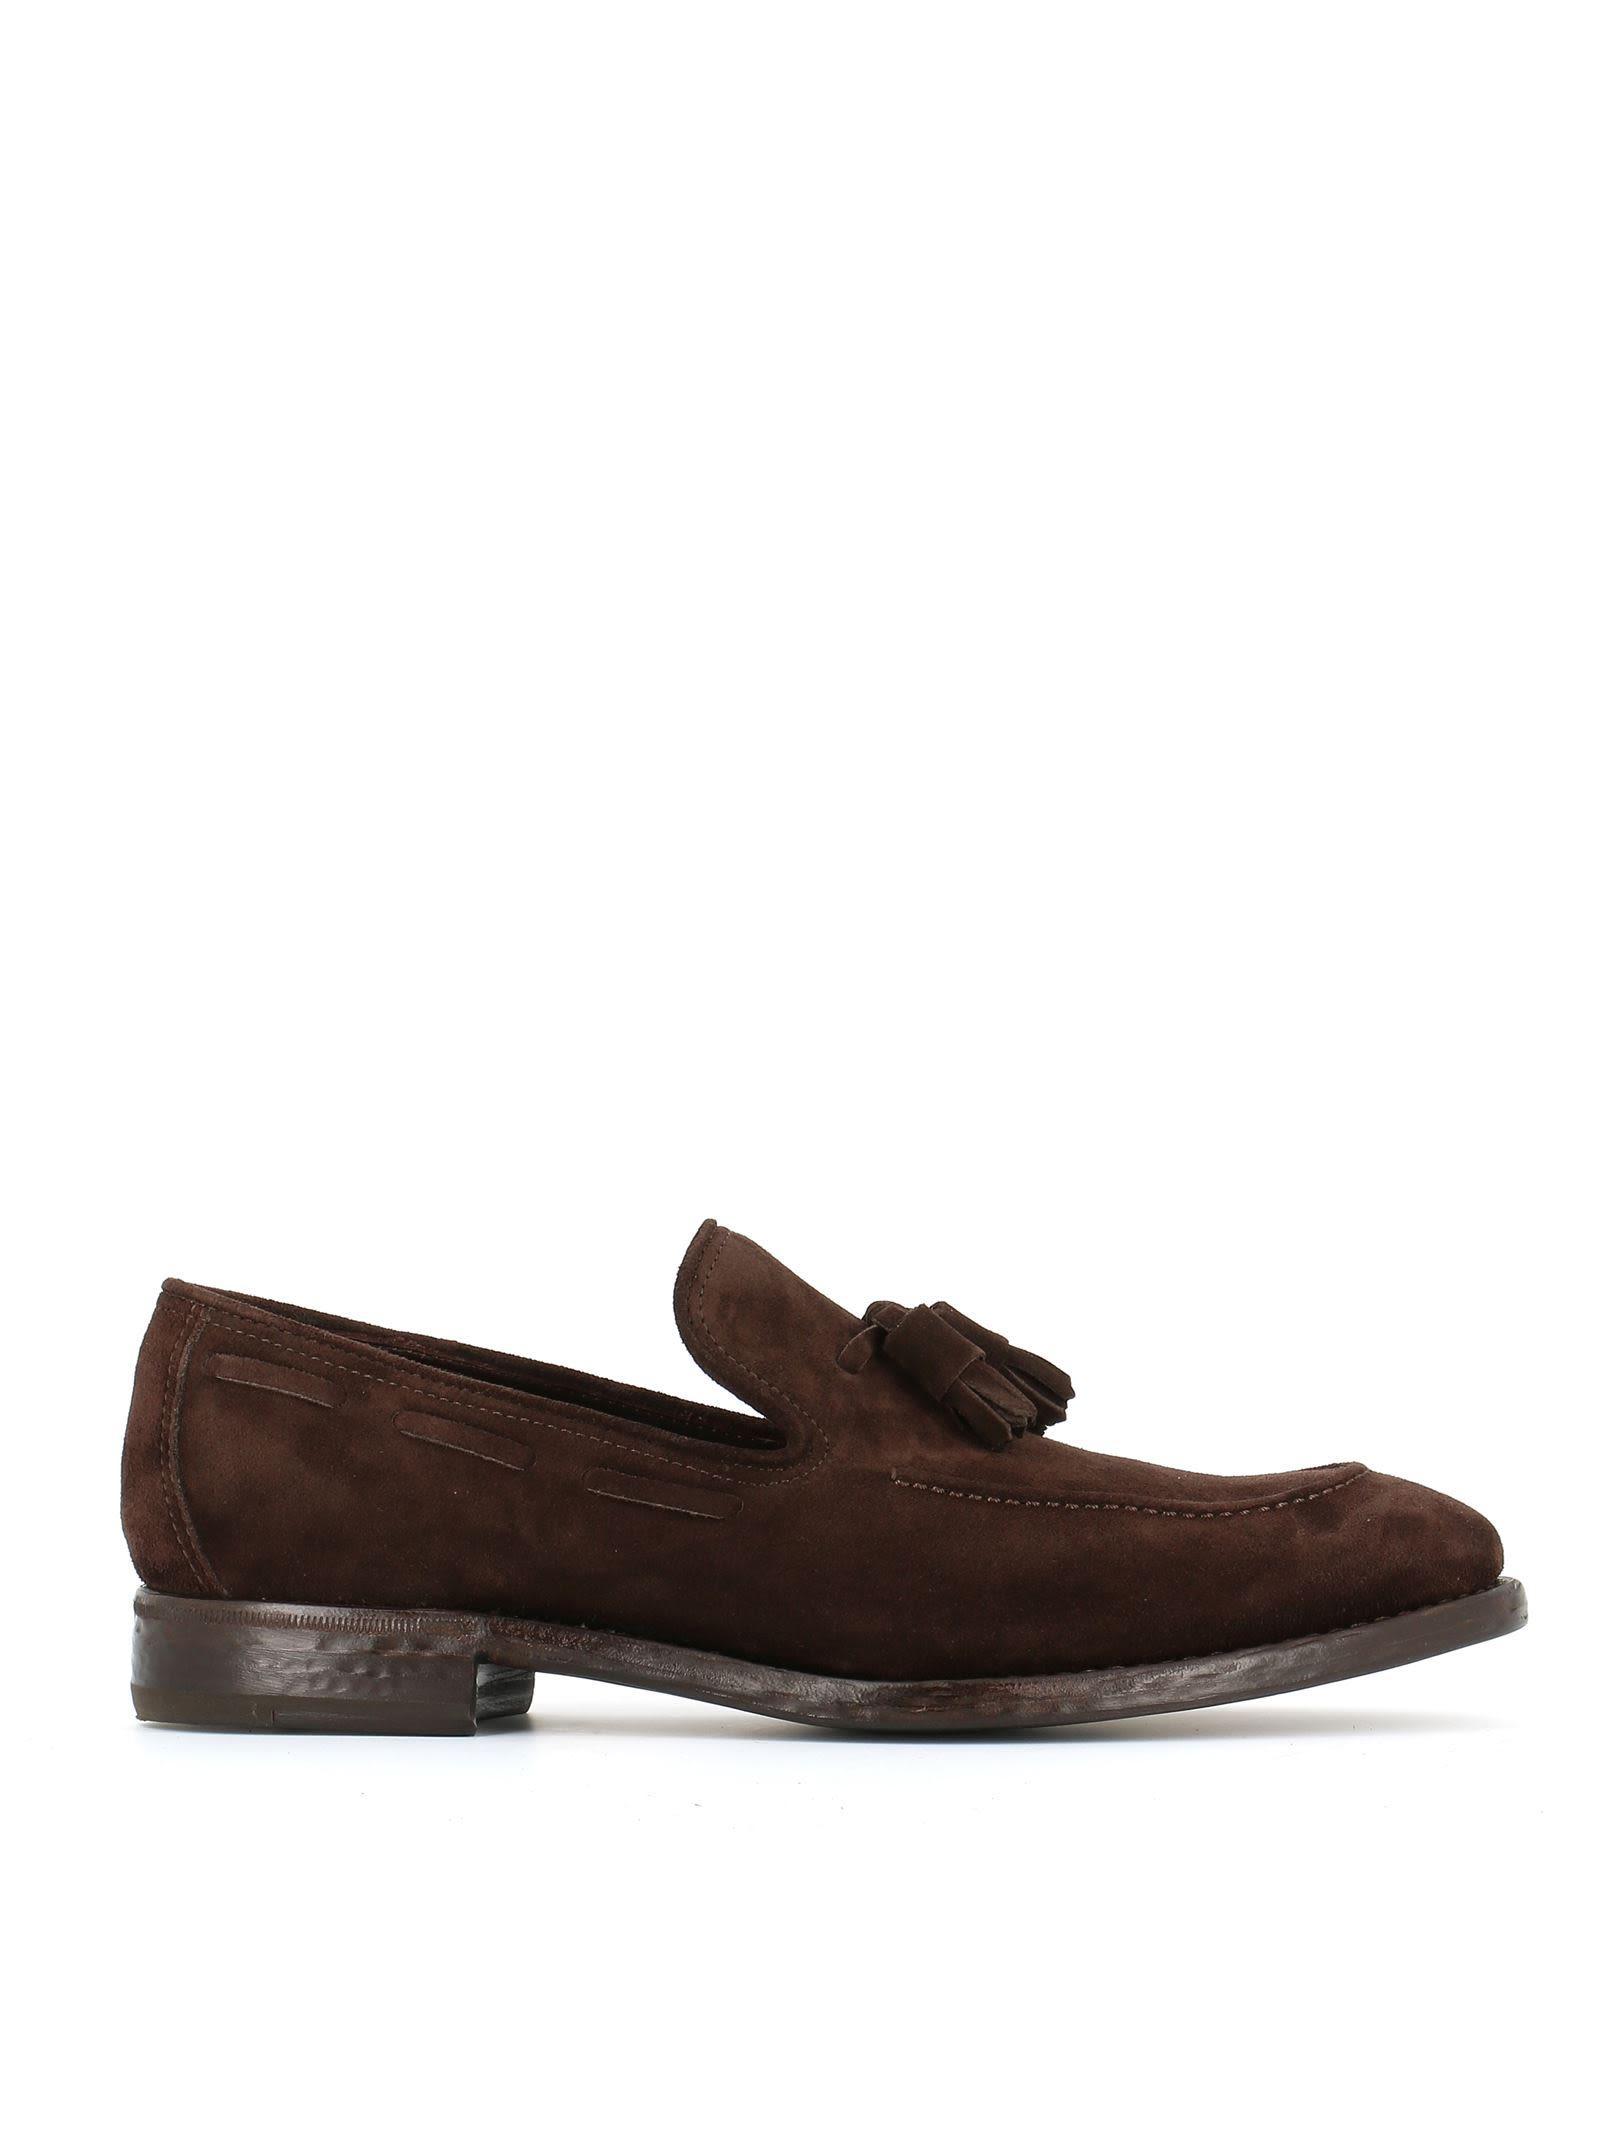 Henderson Tassel Detail Loafers 51405 In Brown